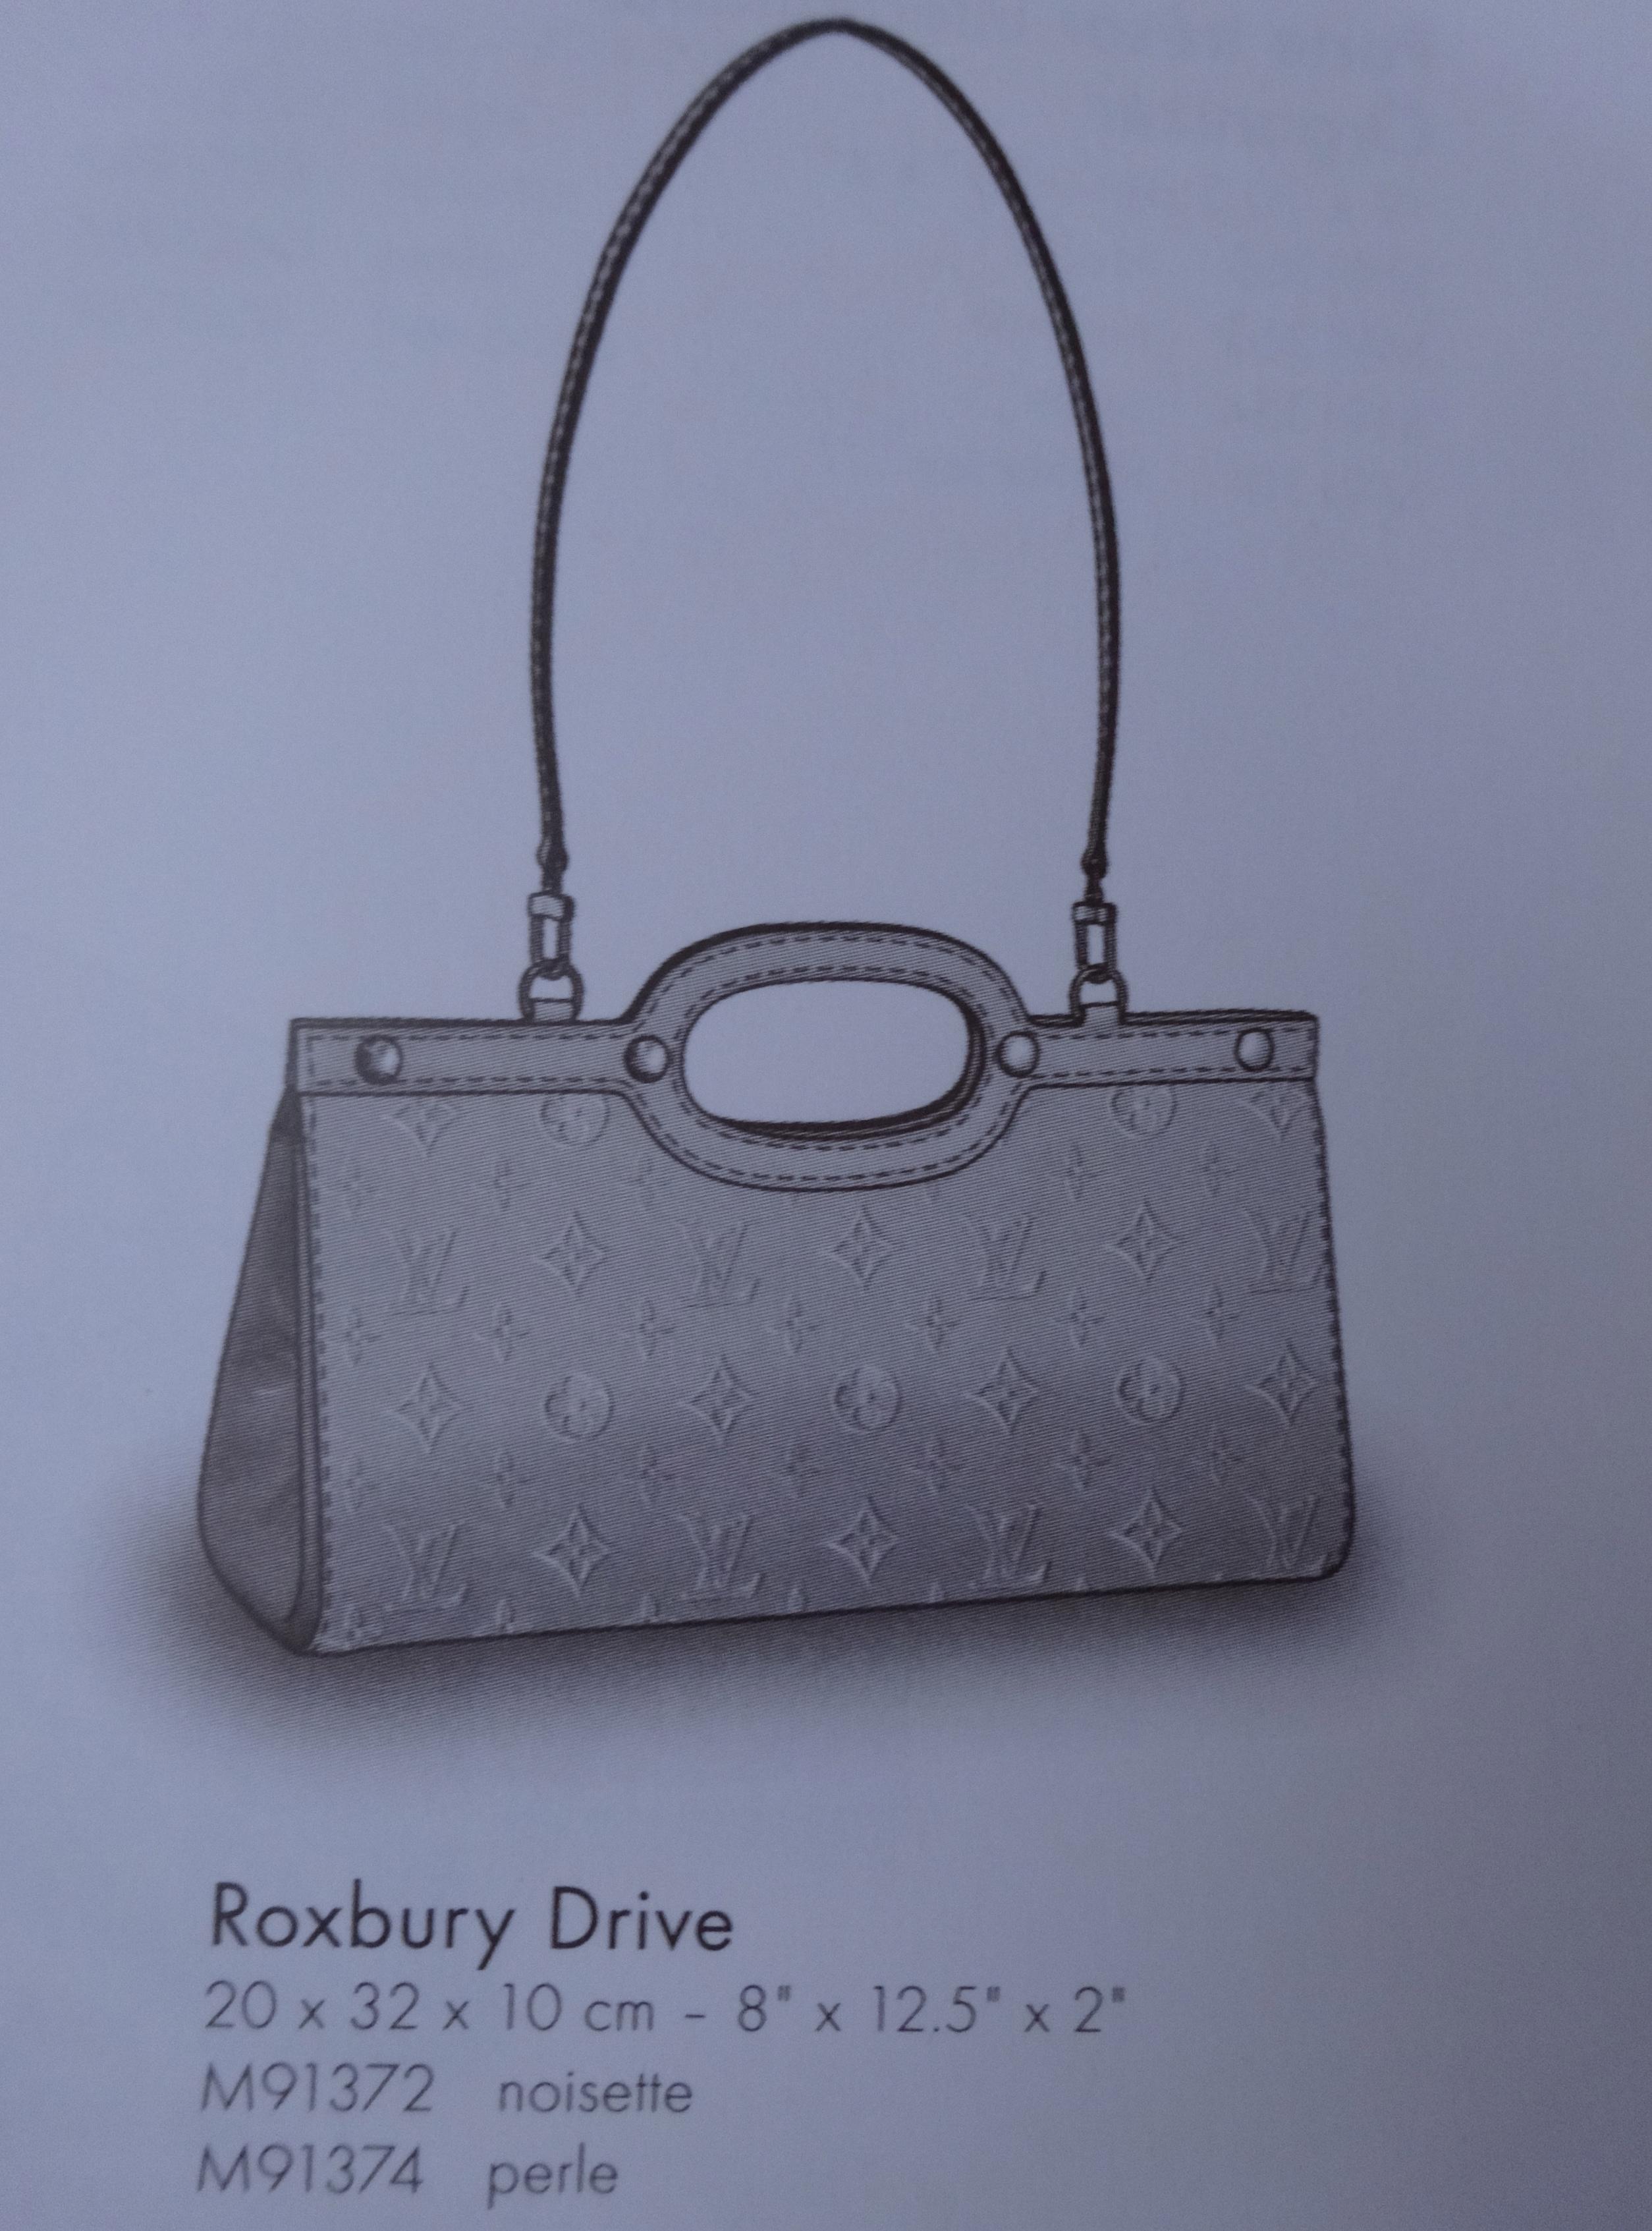 (c) Le Catalogue 2007